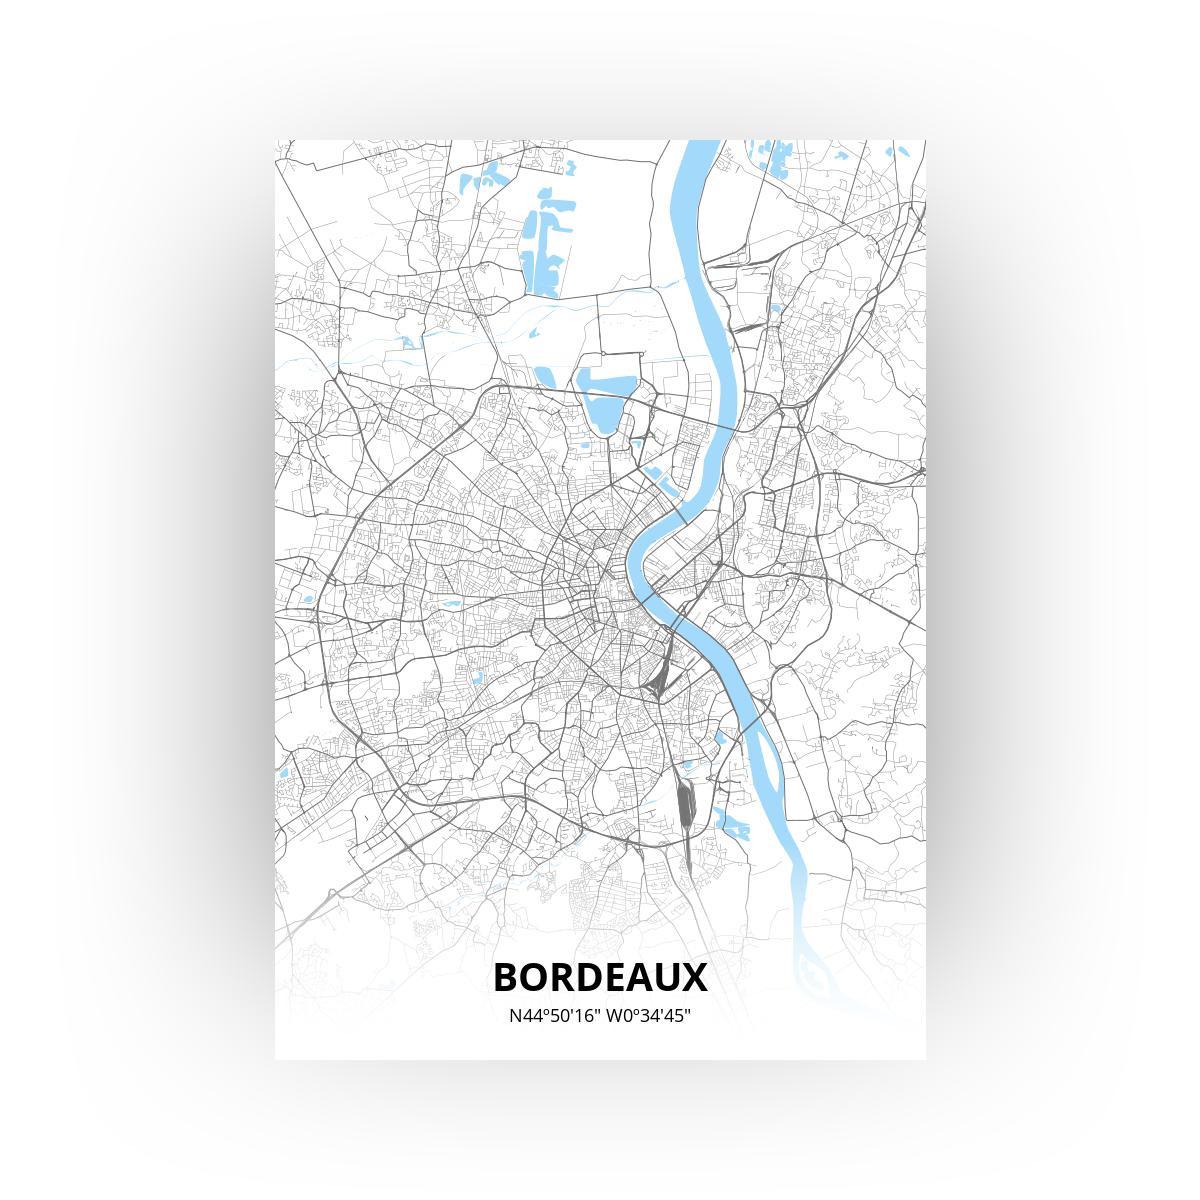 Bordeaux poster - Zelf aan te passen!